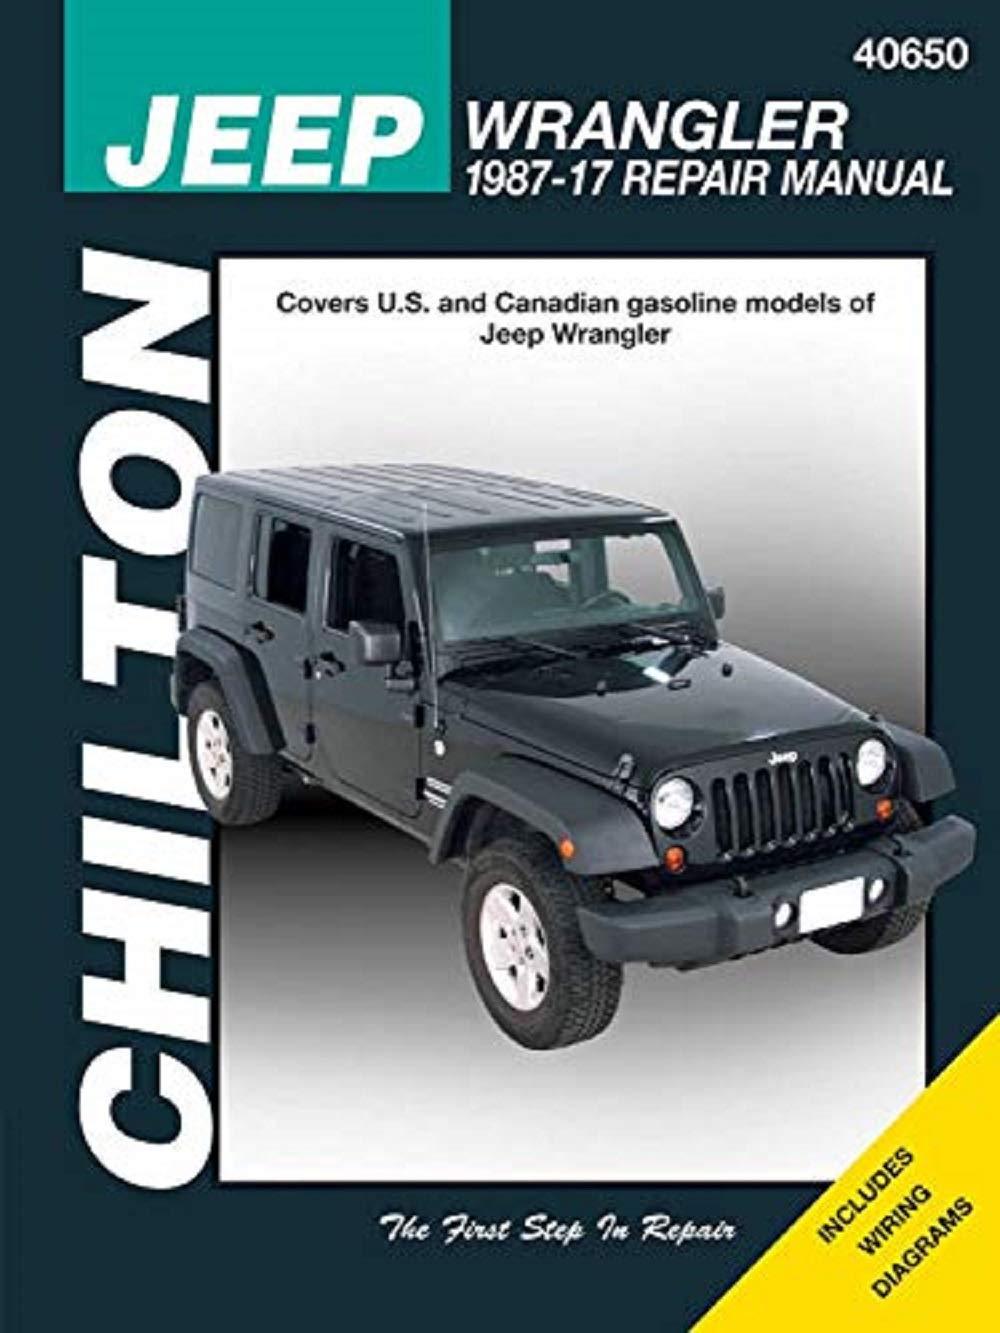 jeep repair diagrams chilton repair manual for jeep wrangler  1987 2017  amazon com books  chilton repair manual for jeep wrangler